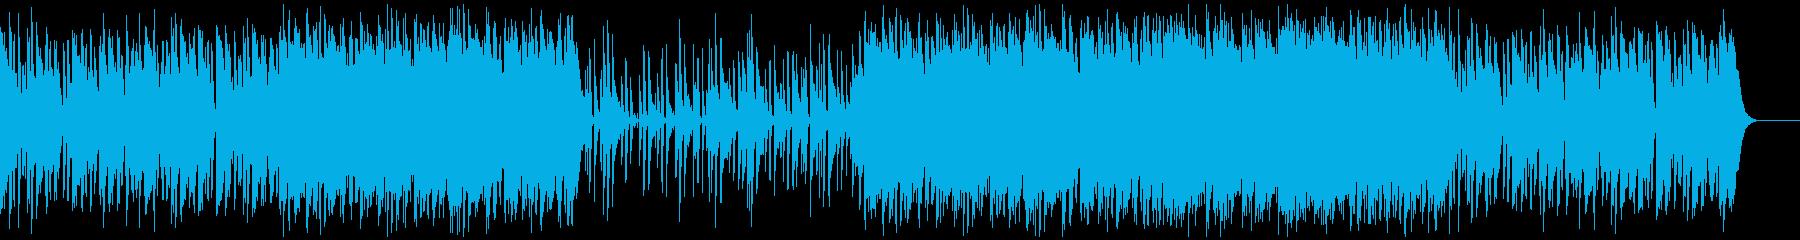 生演奏ウクレレ・爽やかな夏の海の再生済みの波形